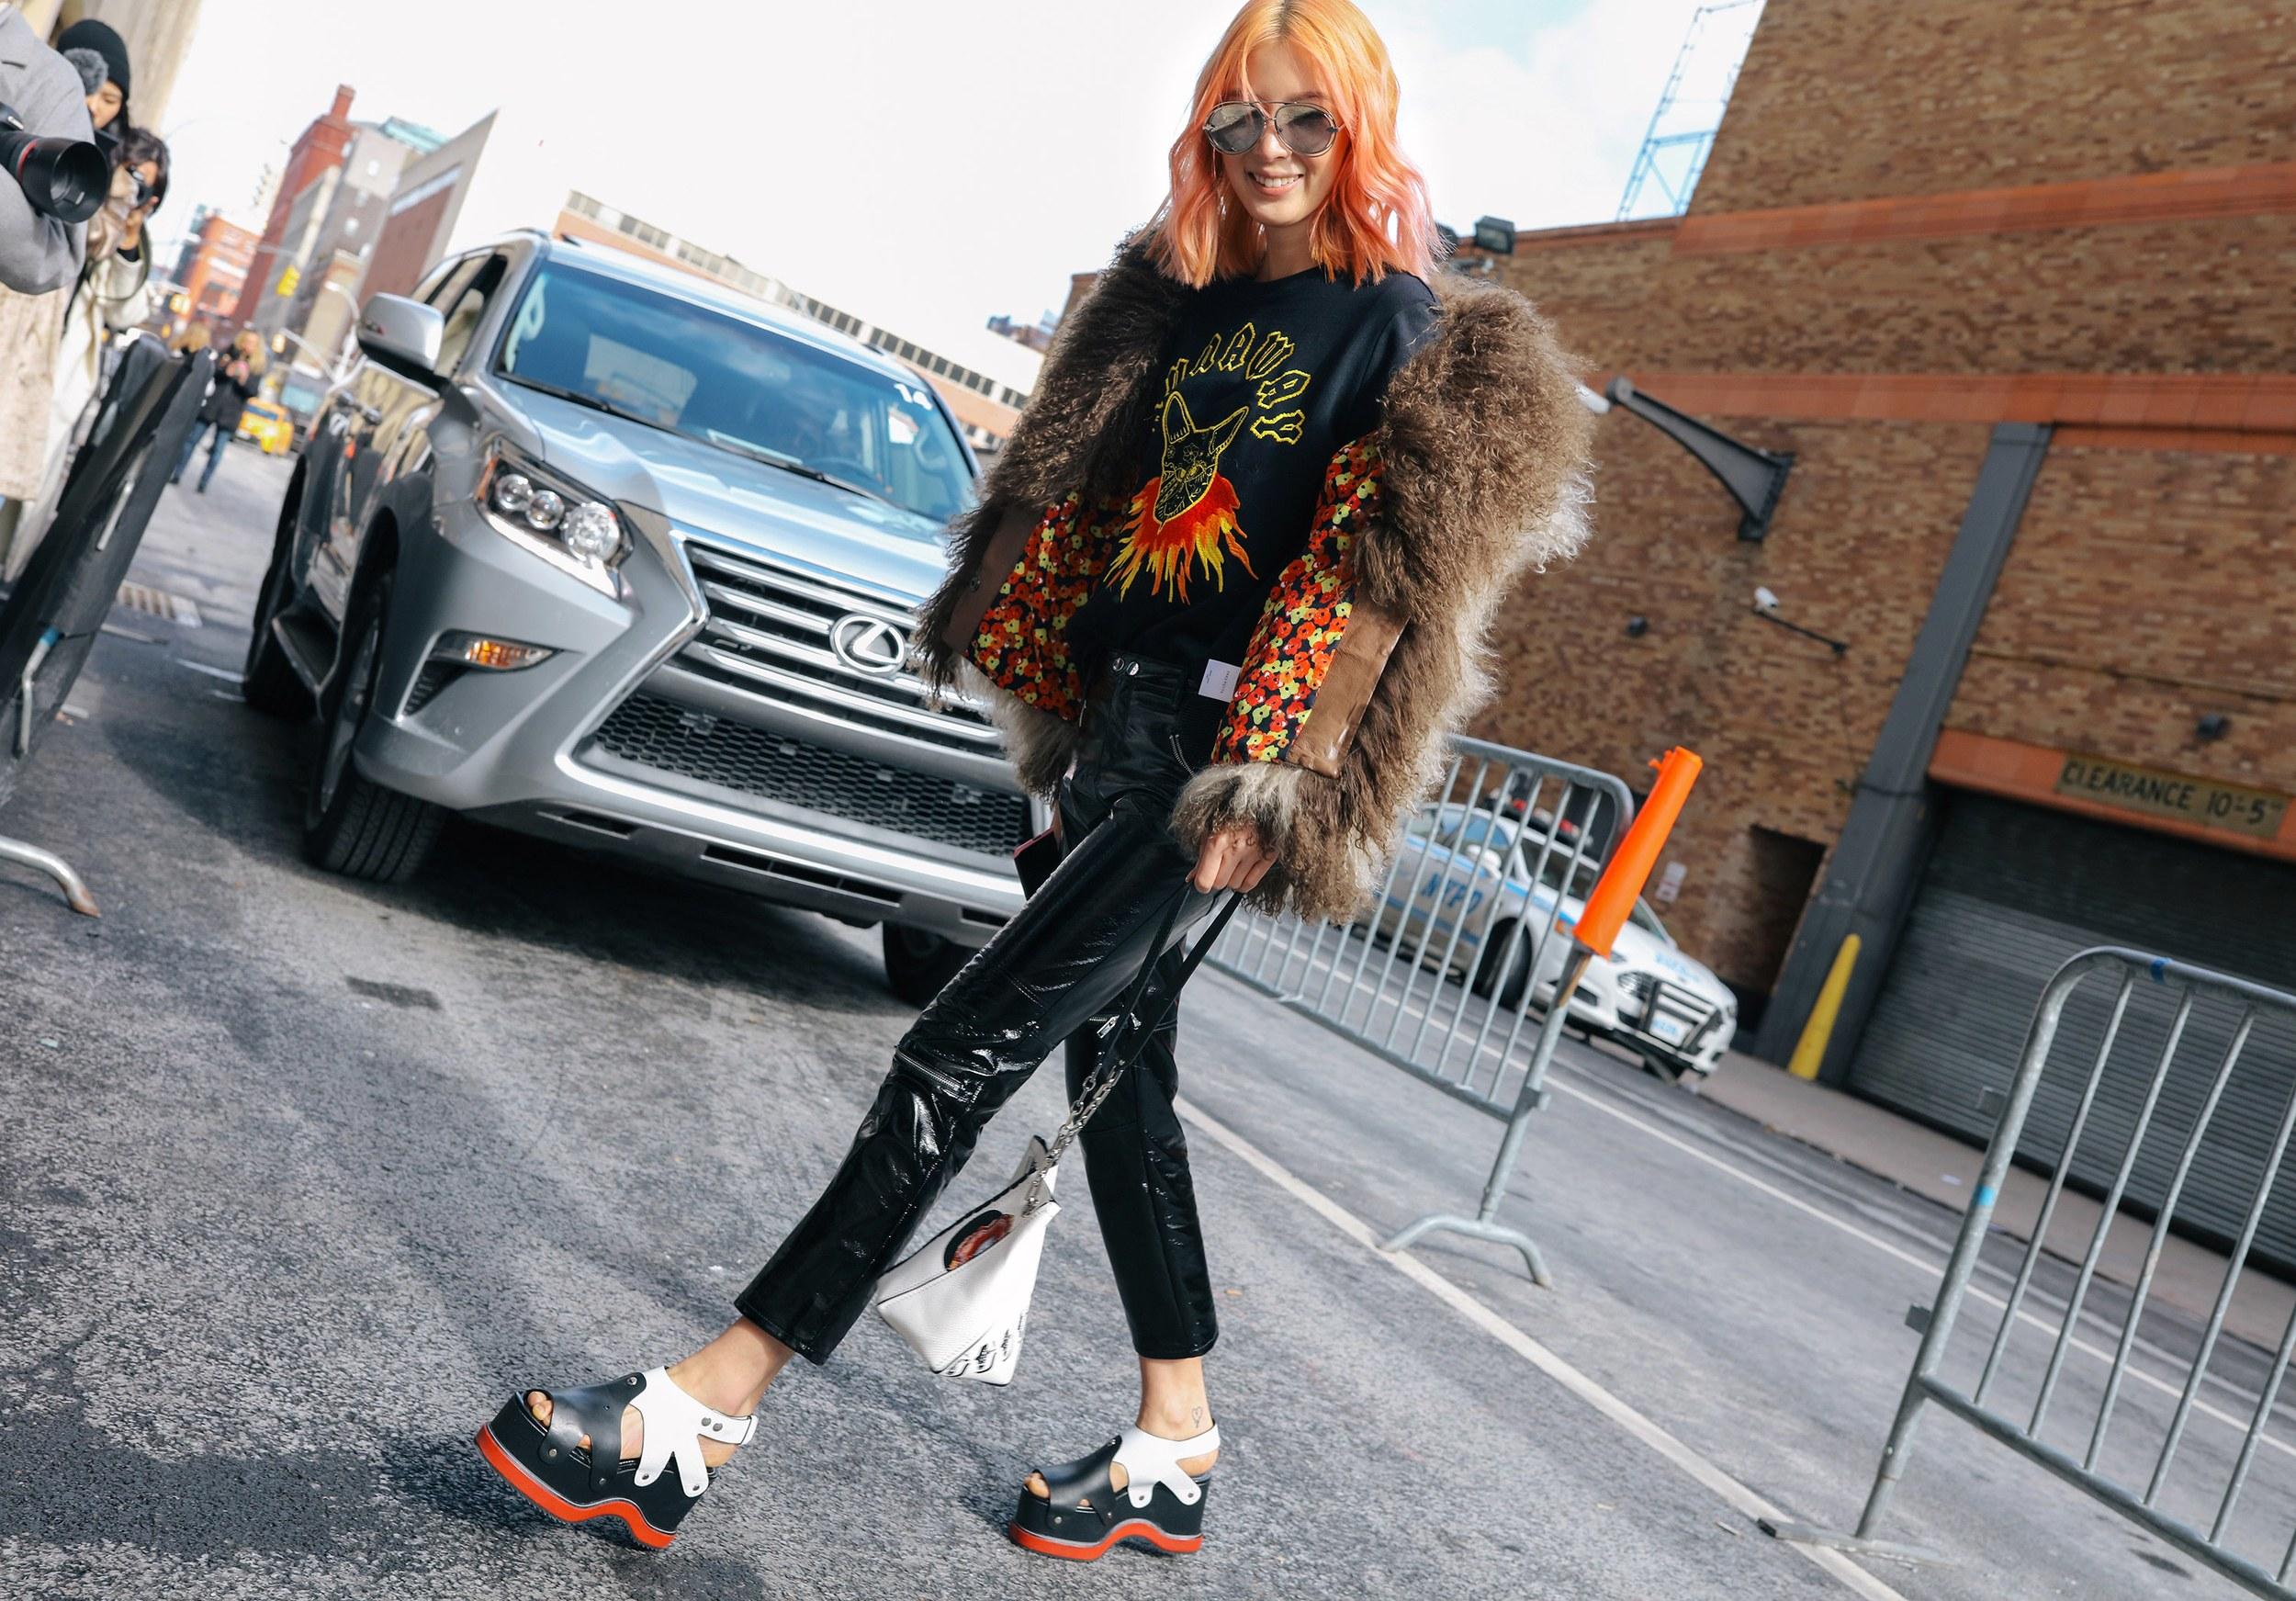 Chiêm ngưỡng đặc sản street style đẹp khó rời mắt tại Tuần lễ thời trang New York - Ảnh 6.